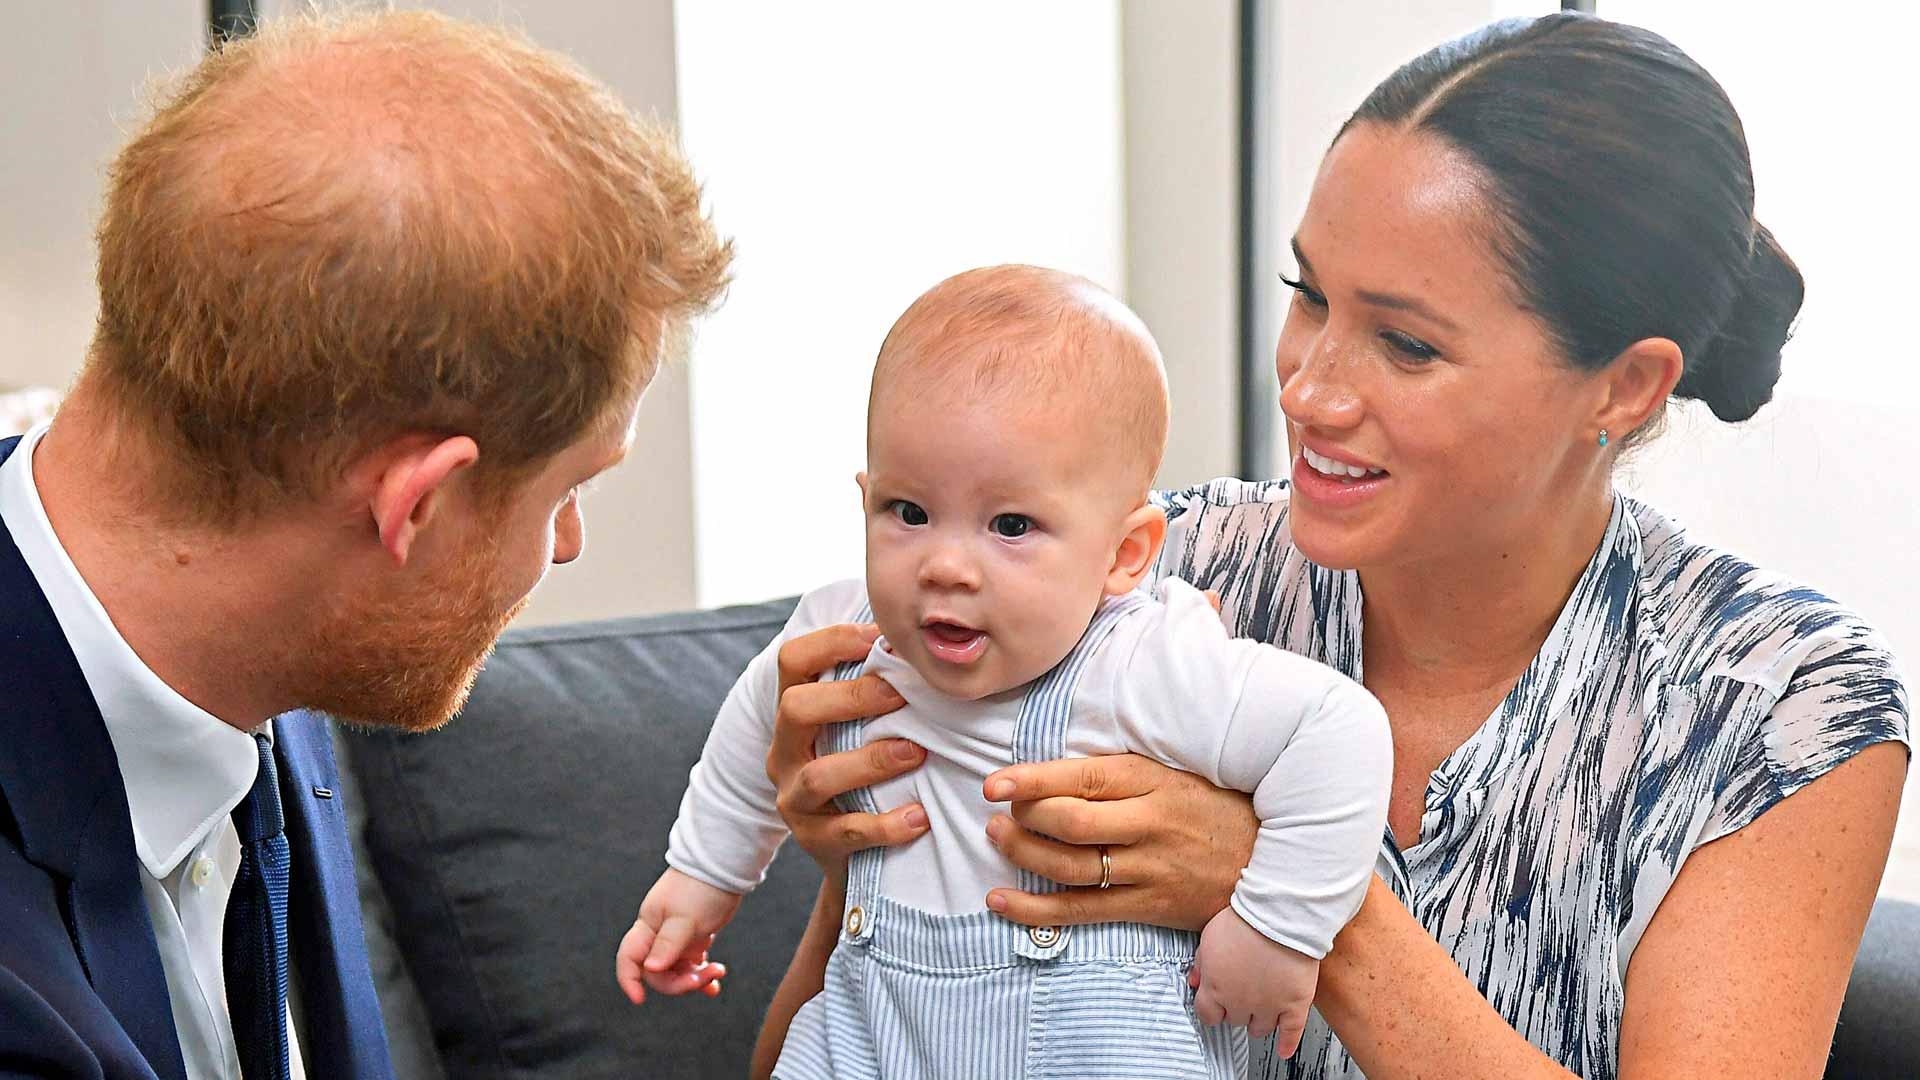 Harry, Meghan ja pikkuinen Archie Harrison vierailivat viime syksynä Etelä-Afrikassa. Matkalla kuvattu dokumentti on herättänyt paljon jälkipuheita, koska herttuapari puhui avoimesti julkisuuden aiheuttamista ongelmistaan.